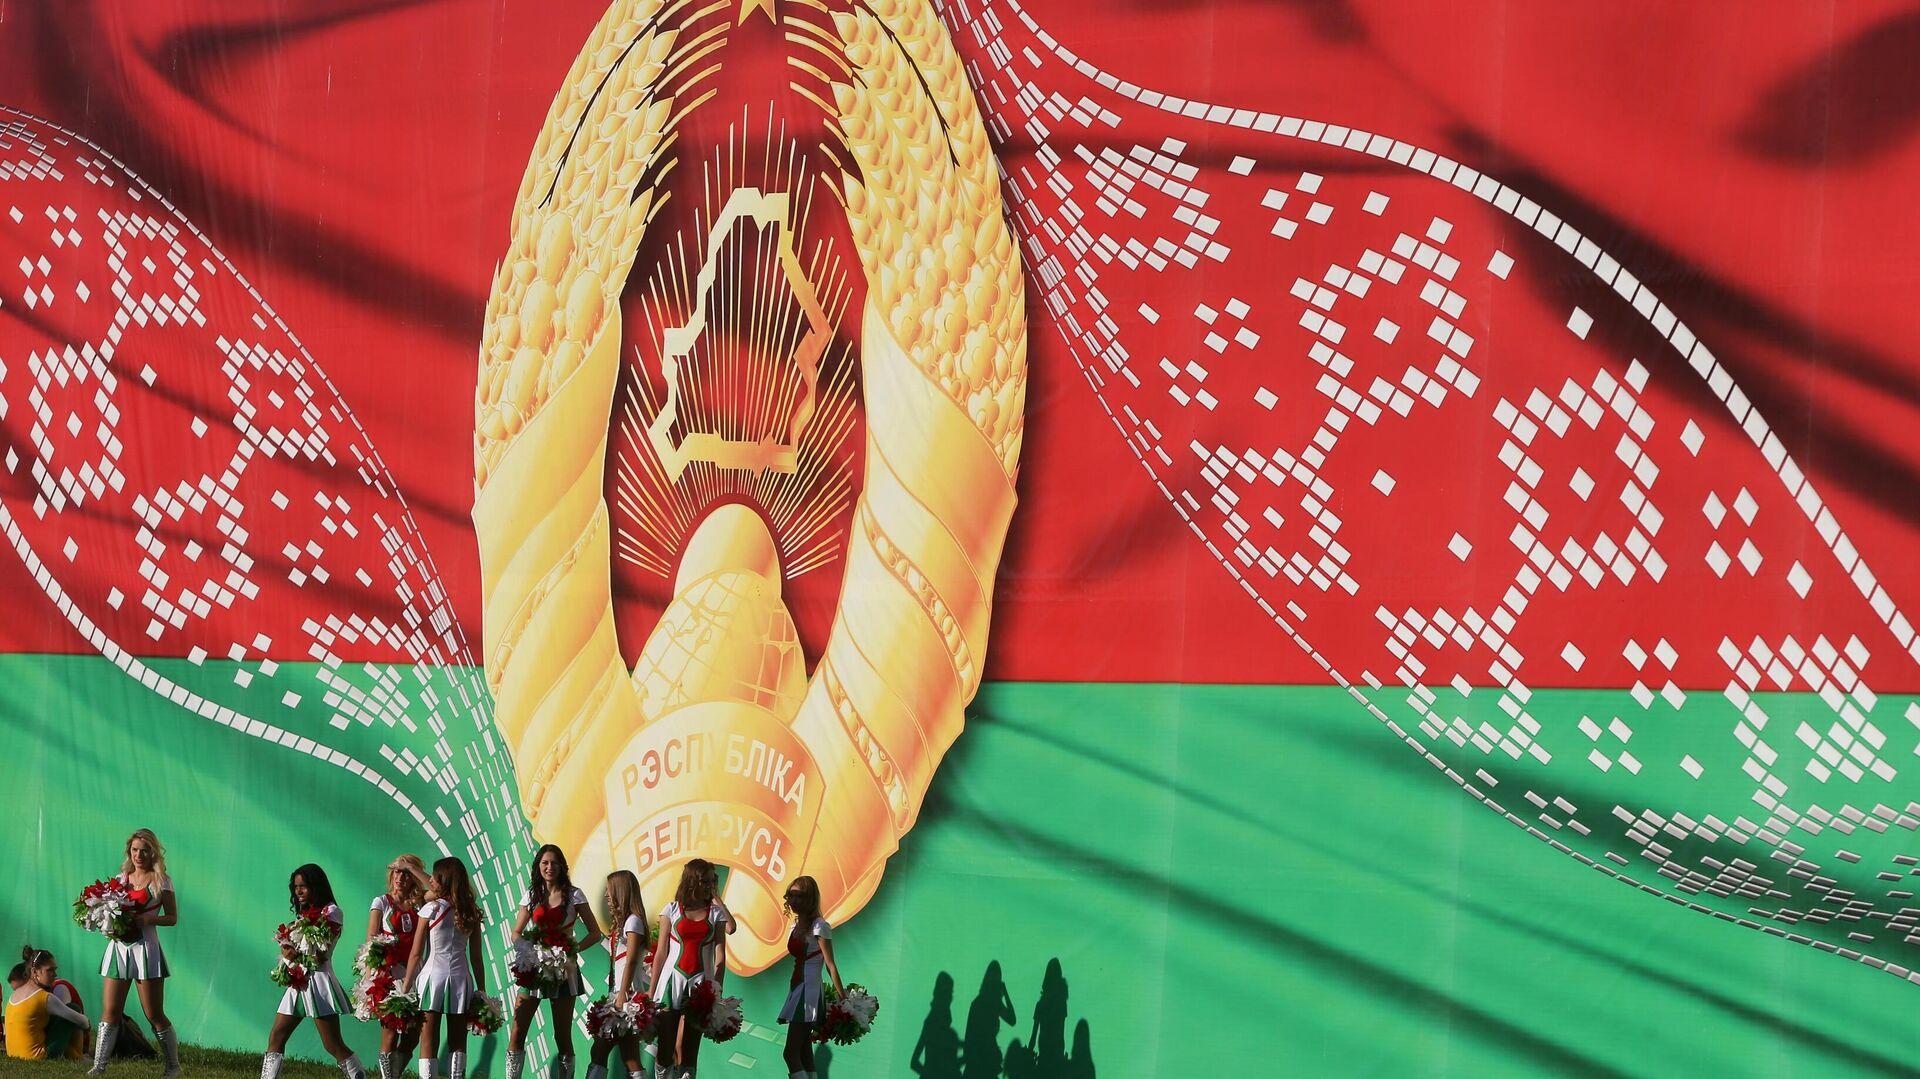 Баннер с гербом Белоруссии в Минске - РИА Новости, 1920, 13.05.2021